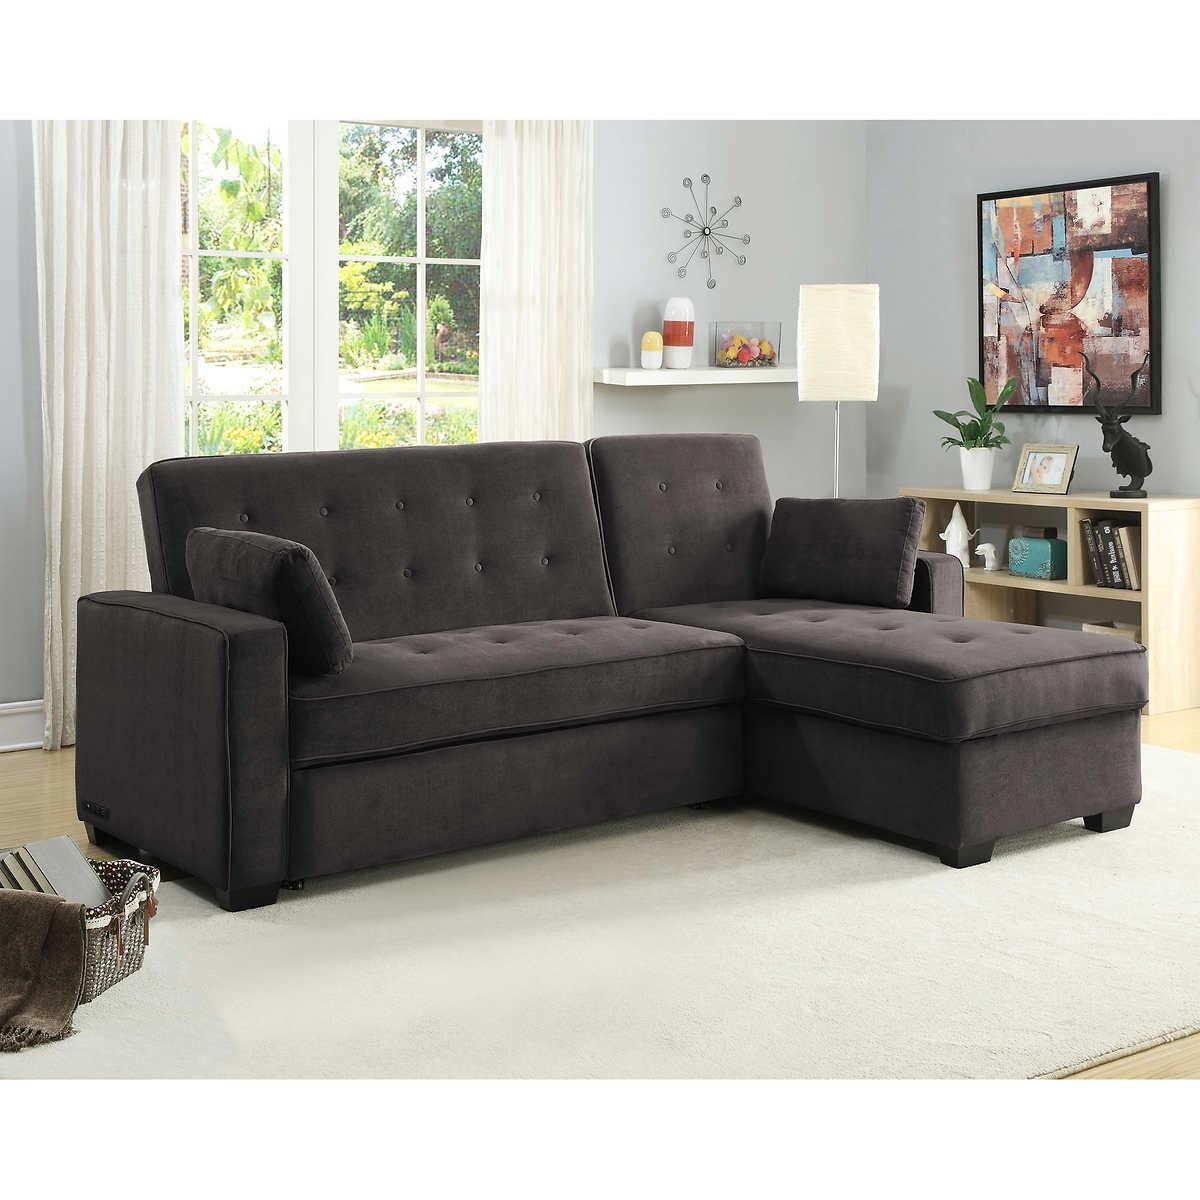 Sofas Center : Costcoower Reclining Sofa Recliner Berkline Sofas With Berkline Couches (View 6 of 20)